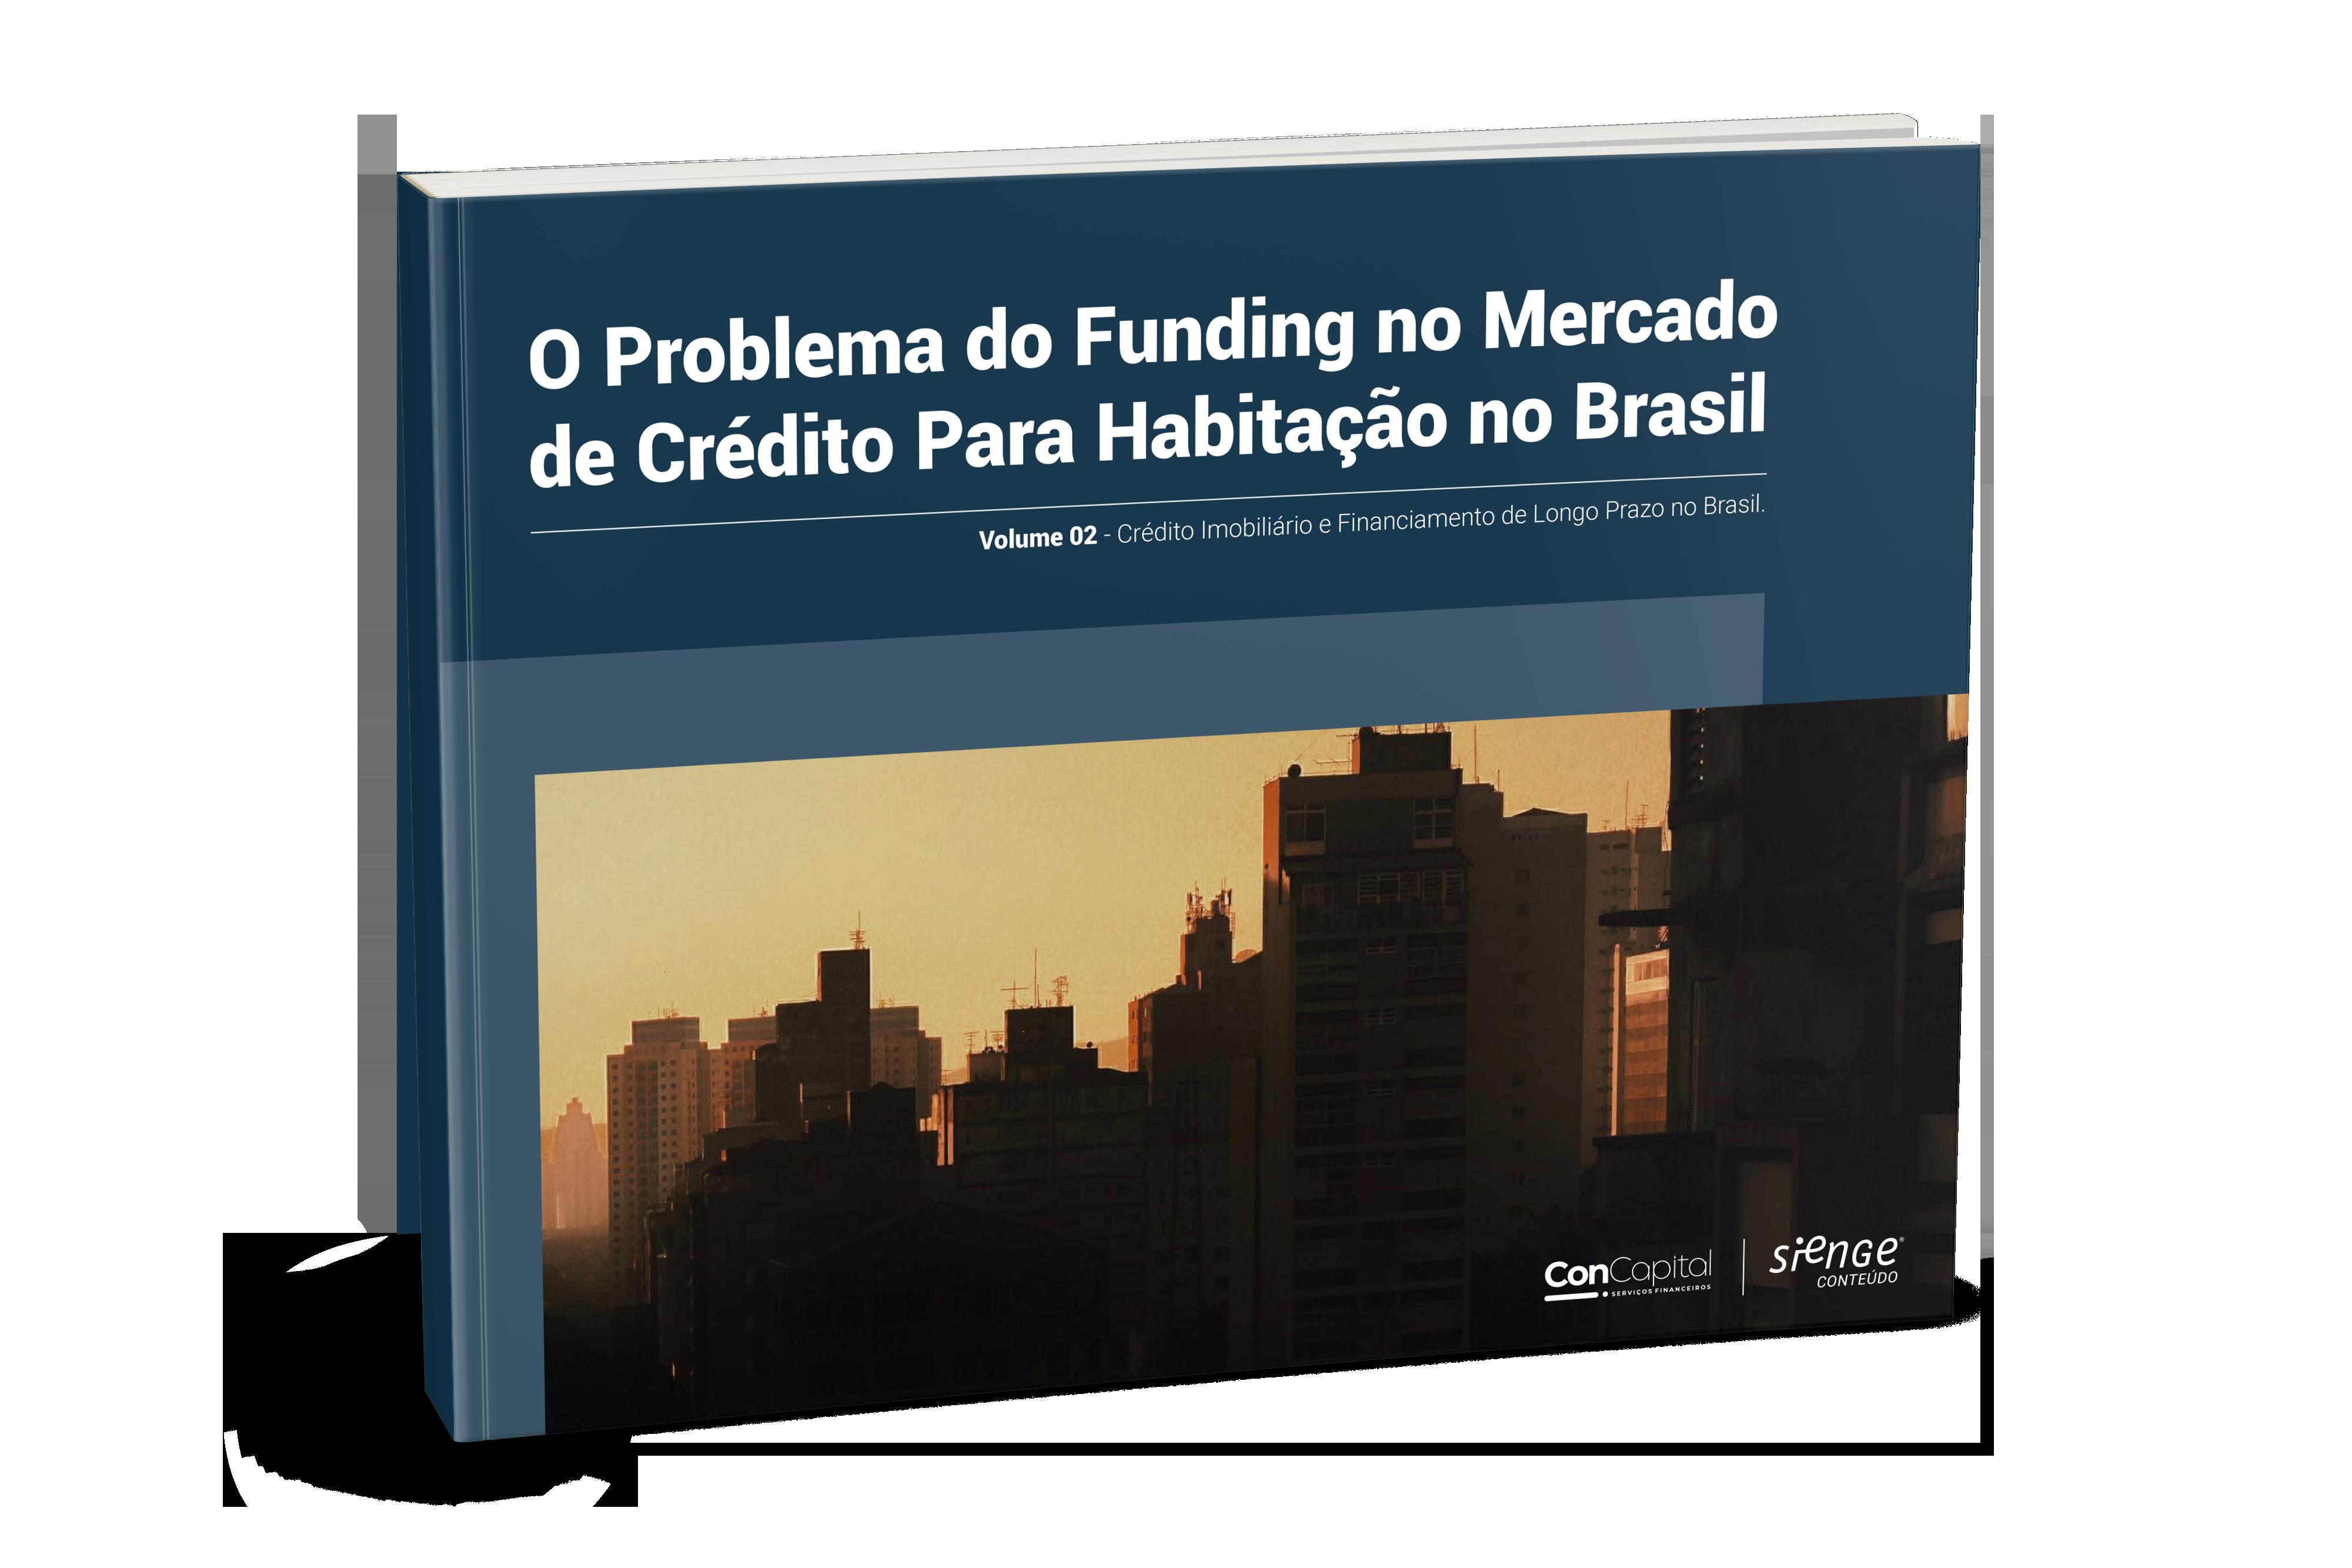 capa ebook problema do funding no mercado de crédito